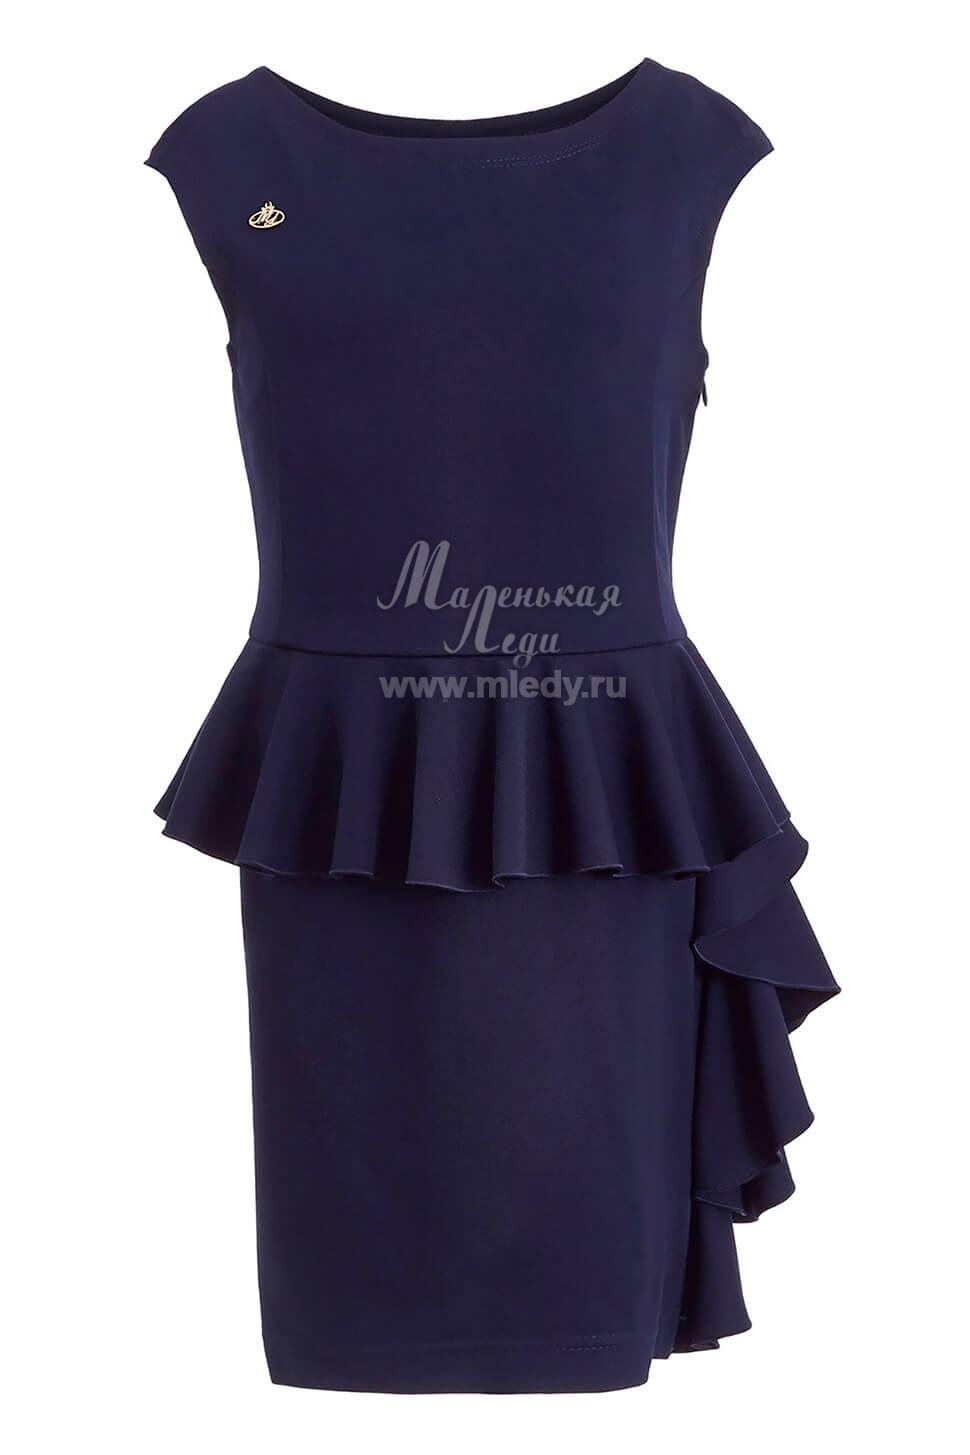 Платье школьное для девочки с длинным рукавом выкройка